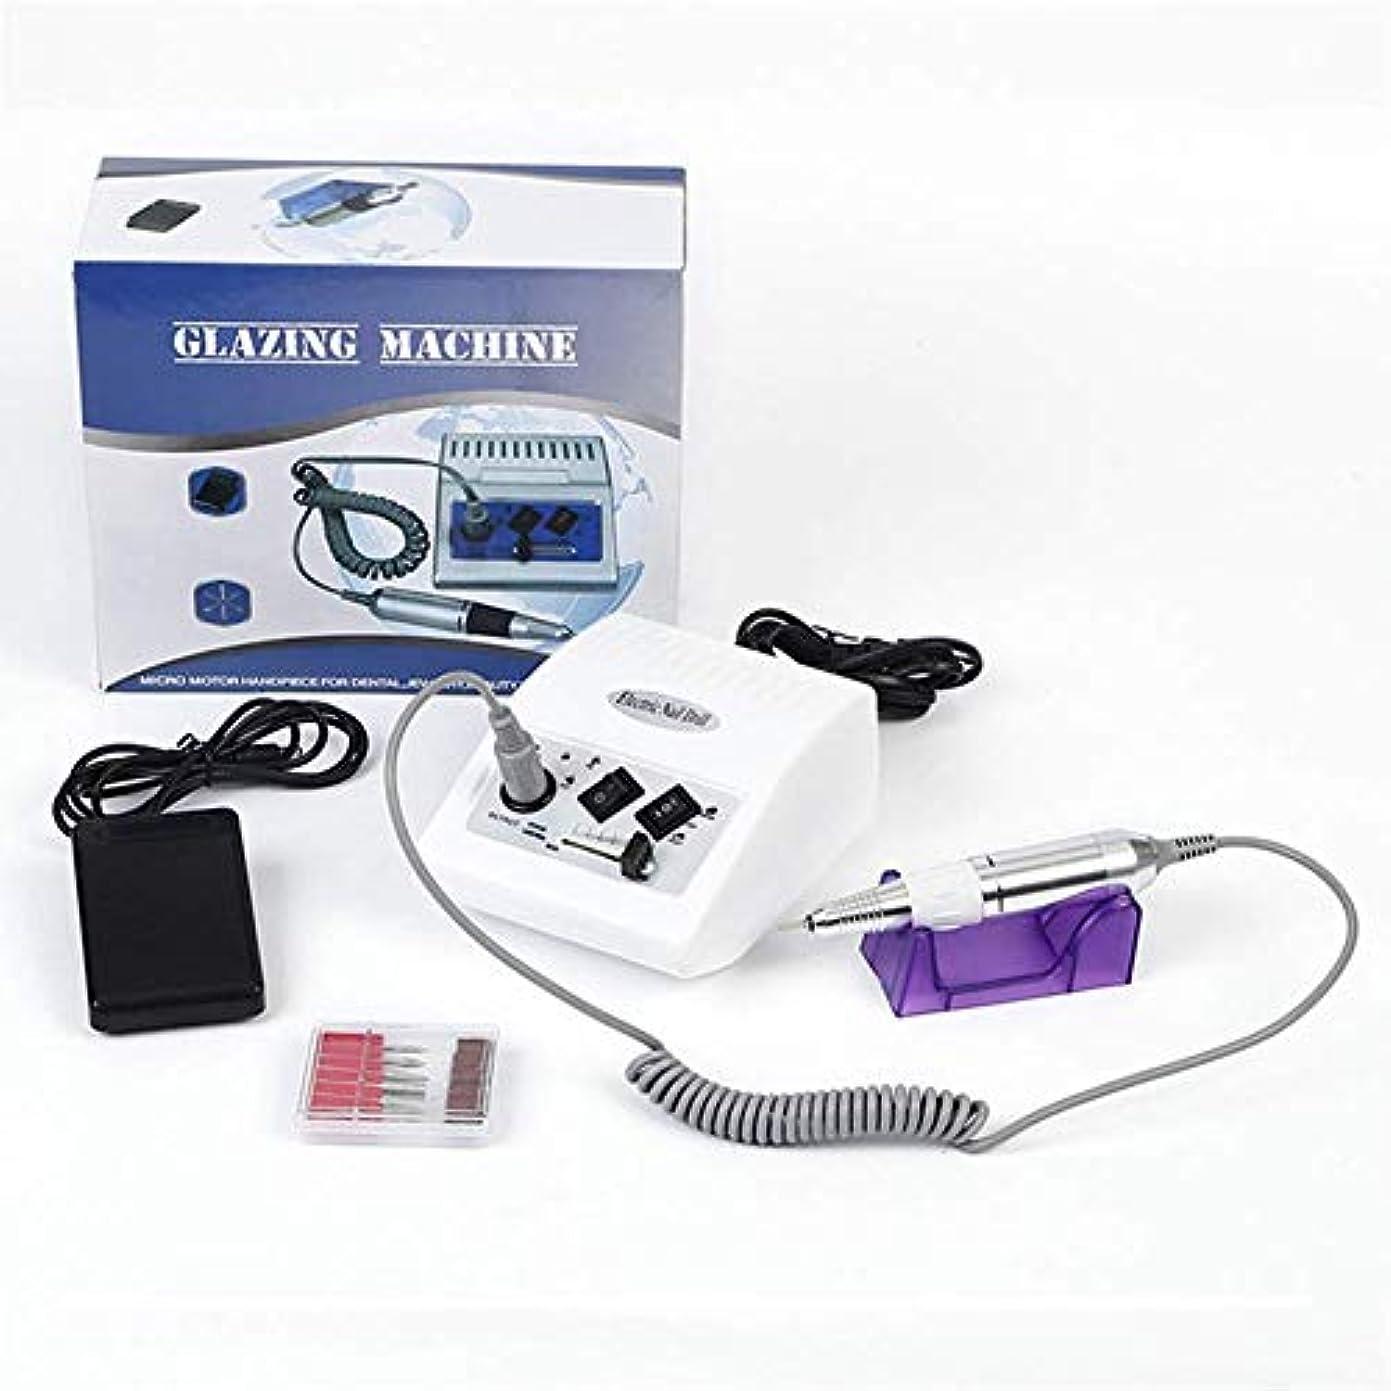 ピアファンタジー仕えるネイルドリルマニキュアセット30000 RPM電動ネイルドリルマシンドリルスピードコントロールペディキュアマニキュアツールカッター用マニキュア、ホワイト